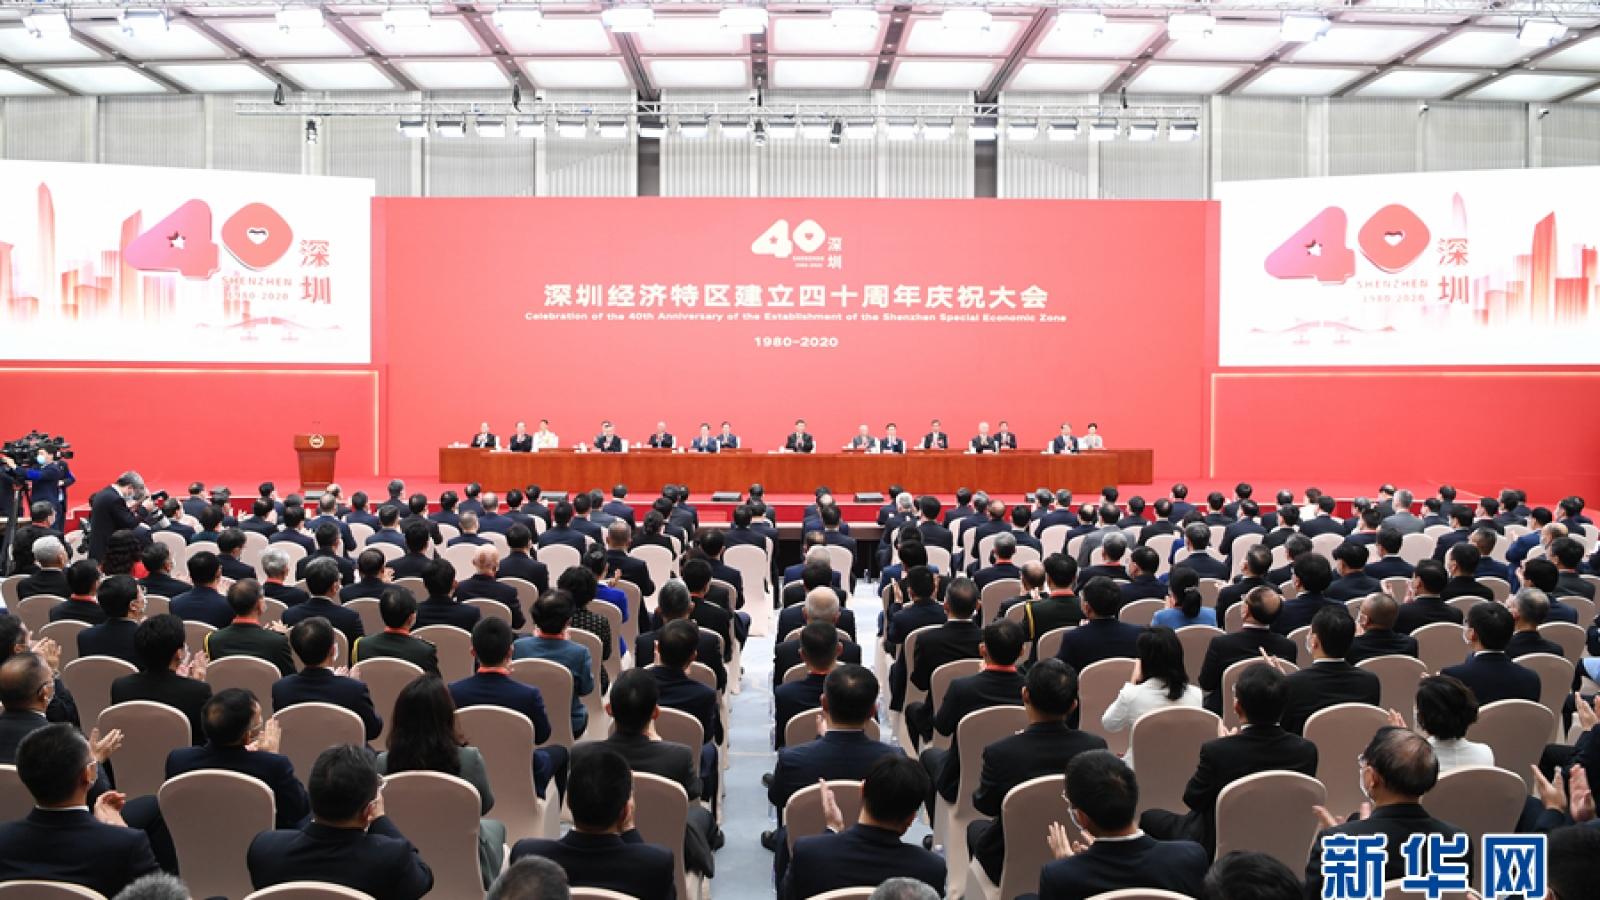 Chủ tịch Trung Quốc đánh giá cao thành công của Đặc khu kinh tế Thâm Quyến